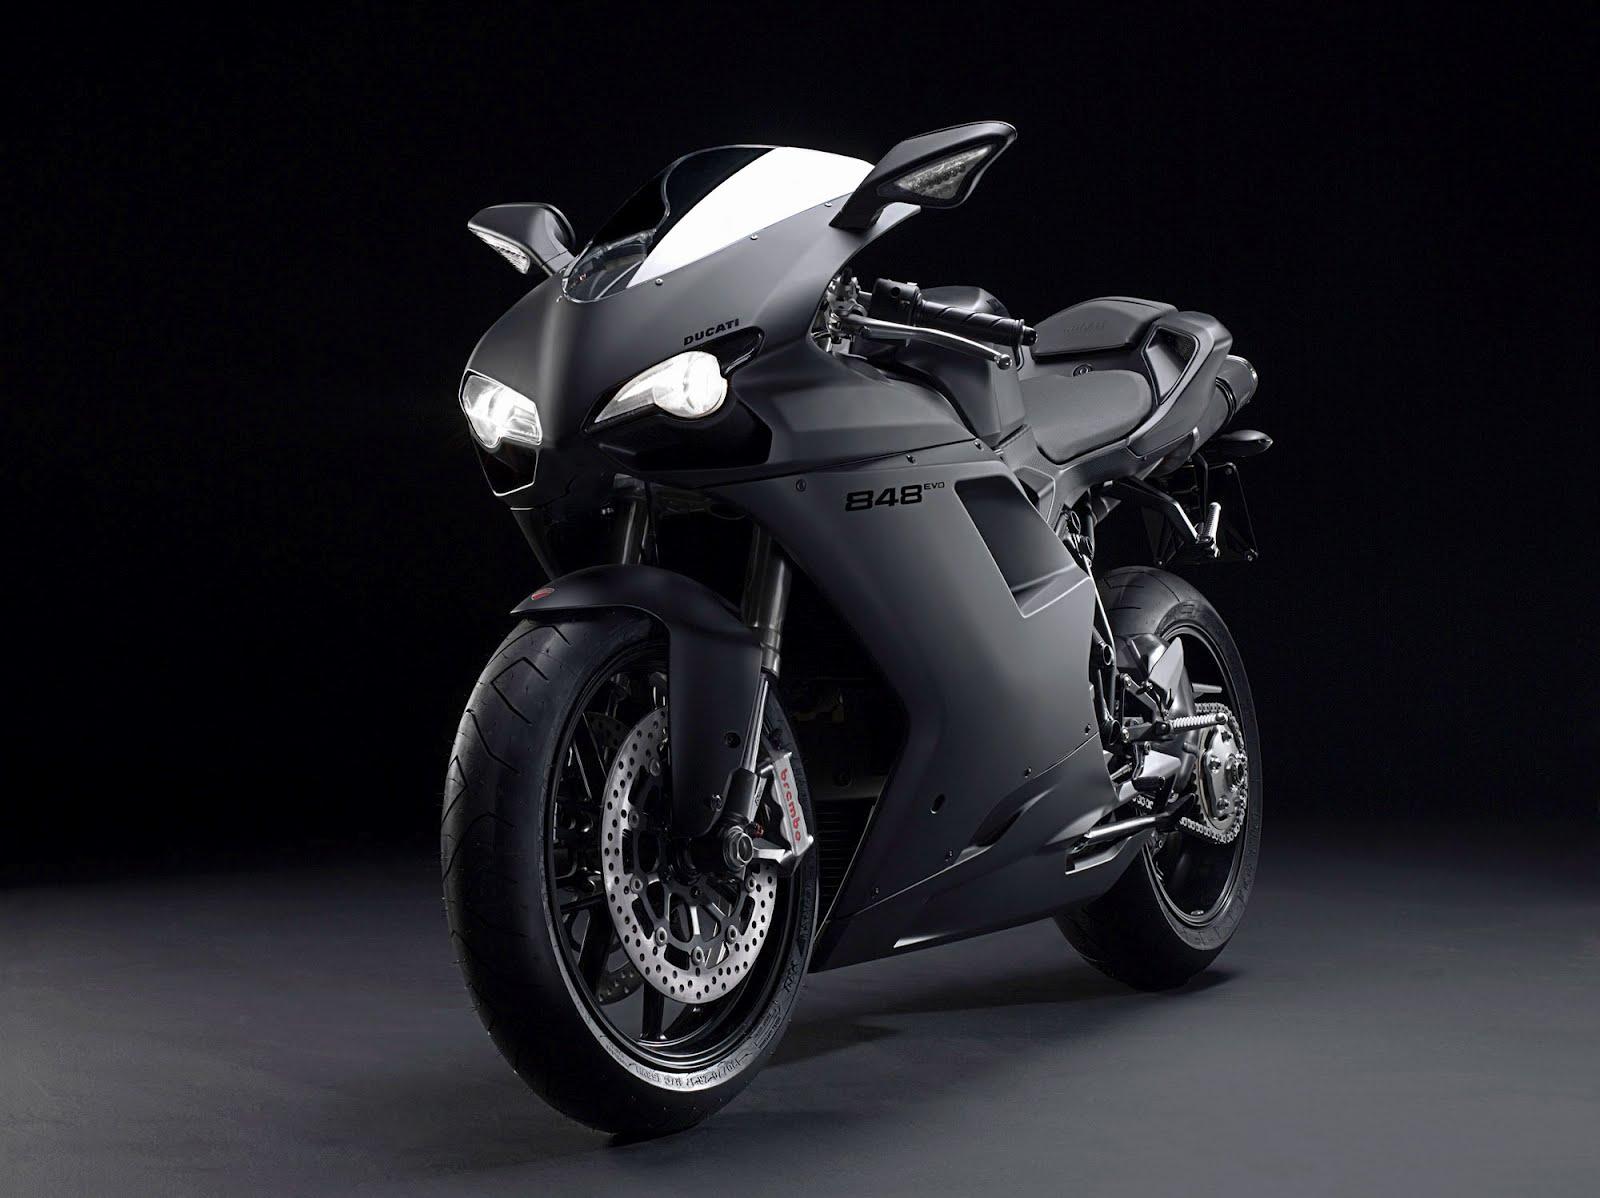 2012 Ducati 848 EVO Picture  BIKES AND MOTOR SPORT PICTURE